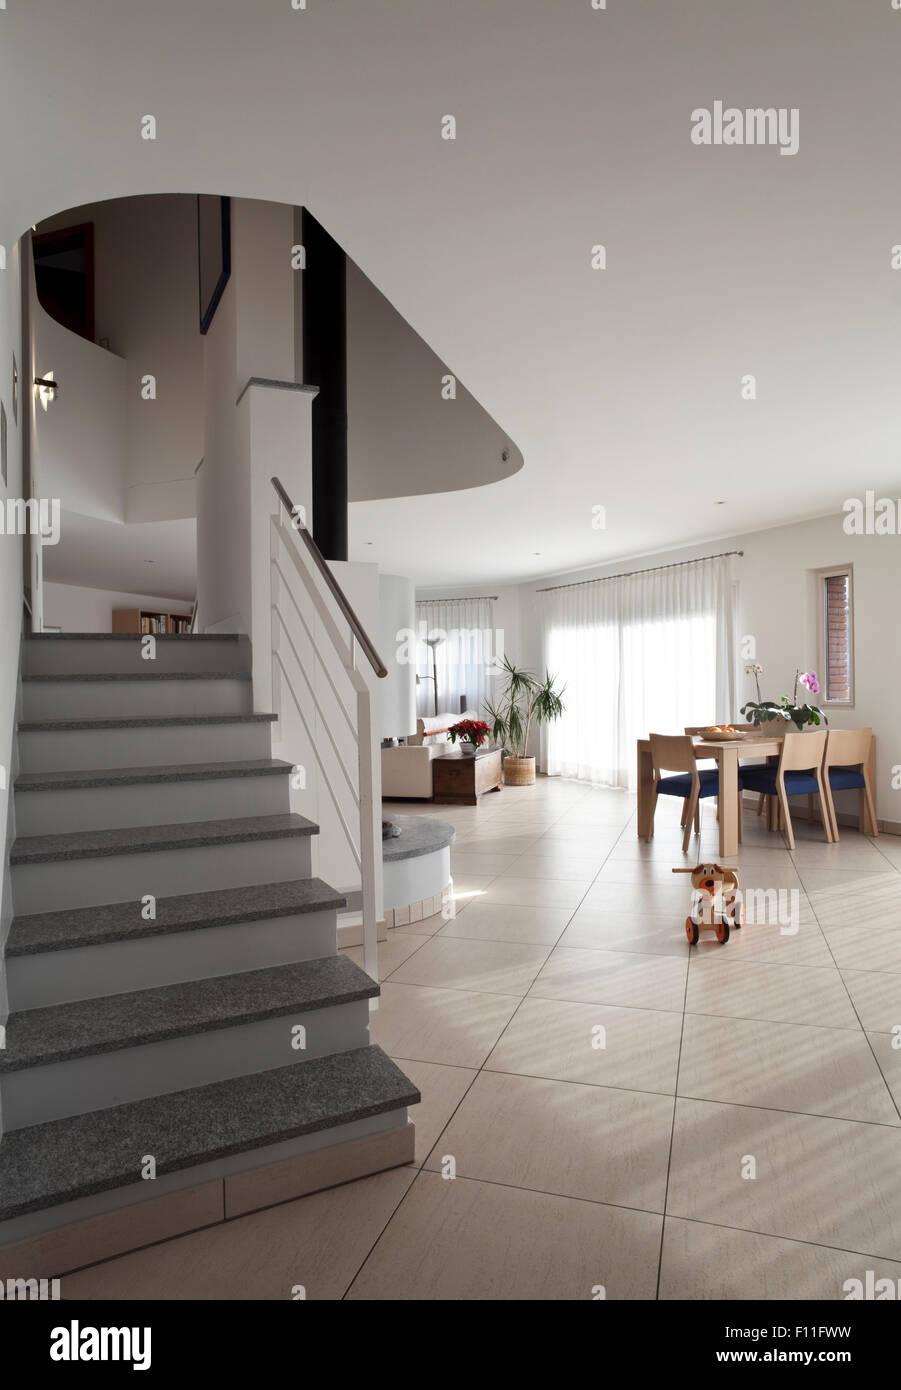 Inneren Wohnung Mit Treppen, Beleuchtung Stockbild